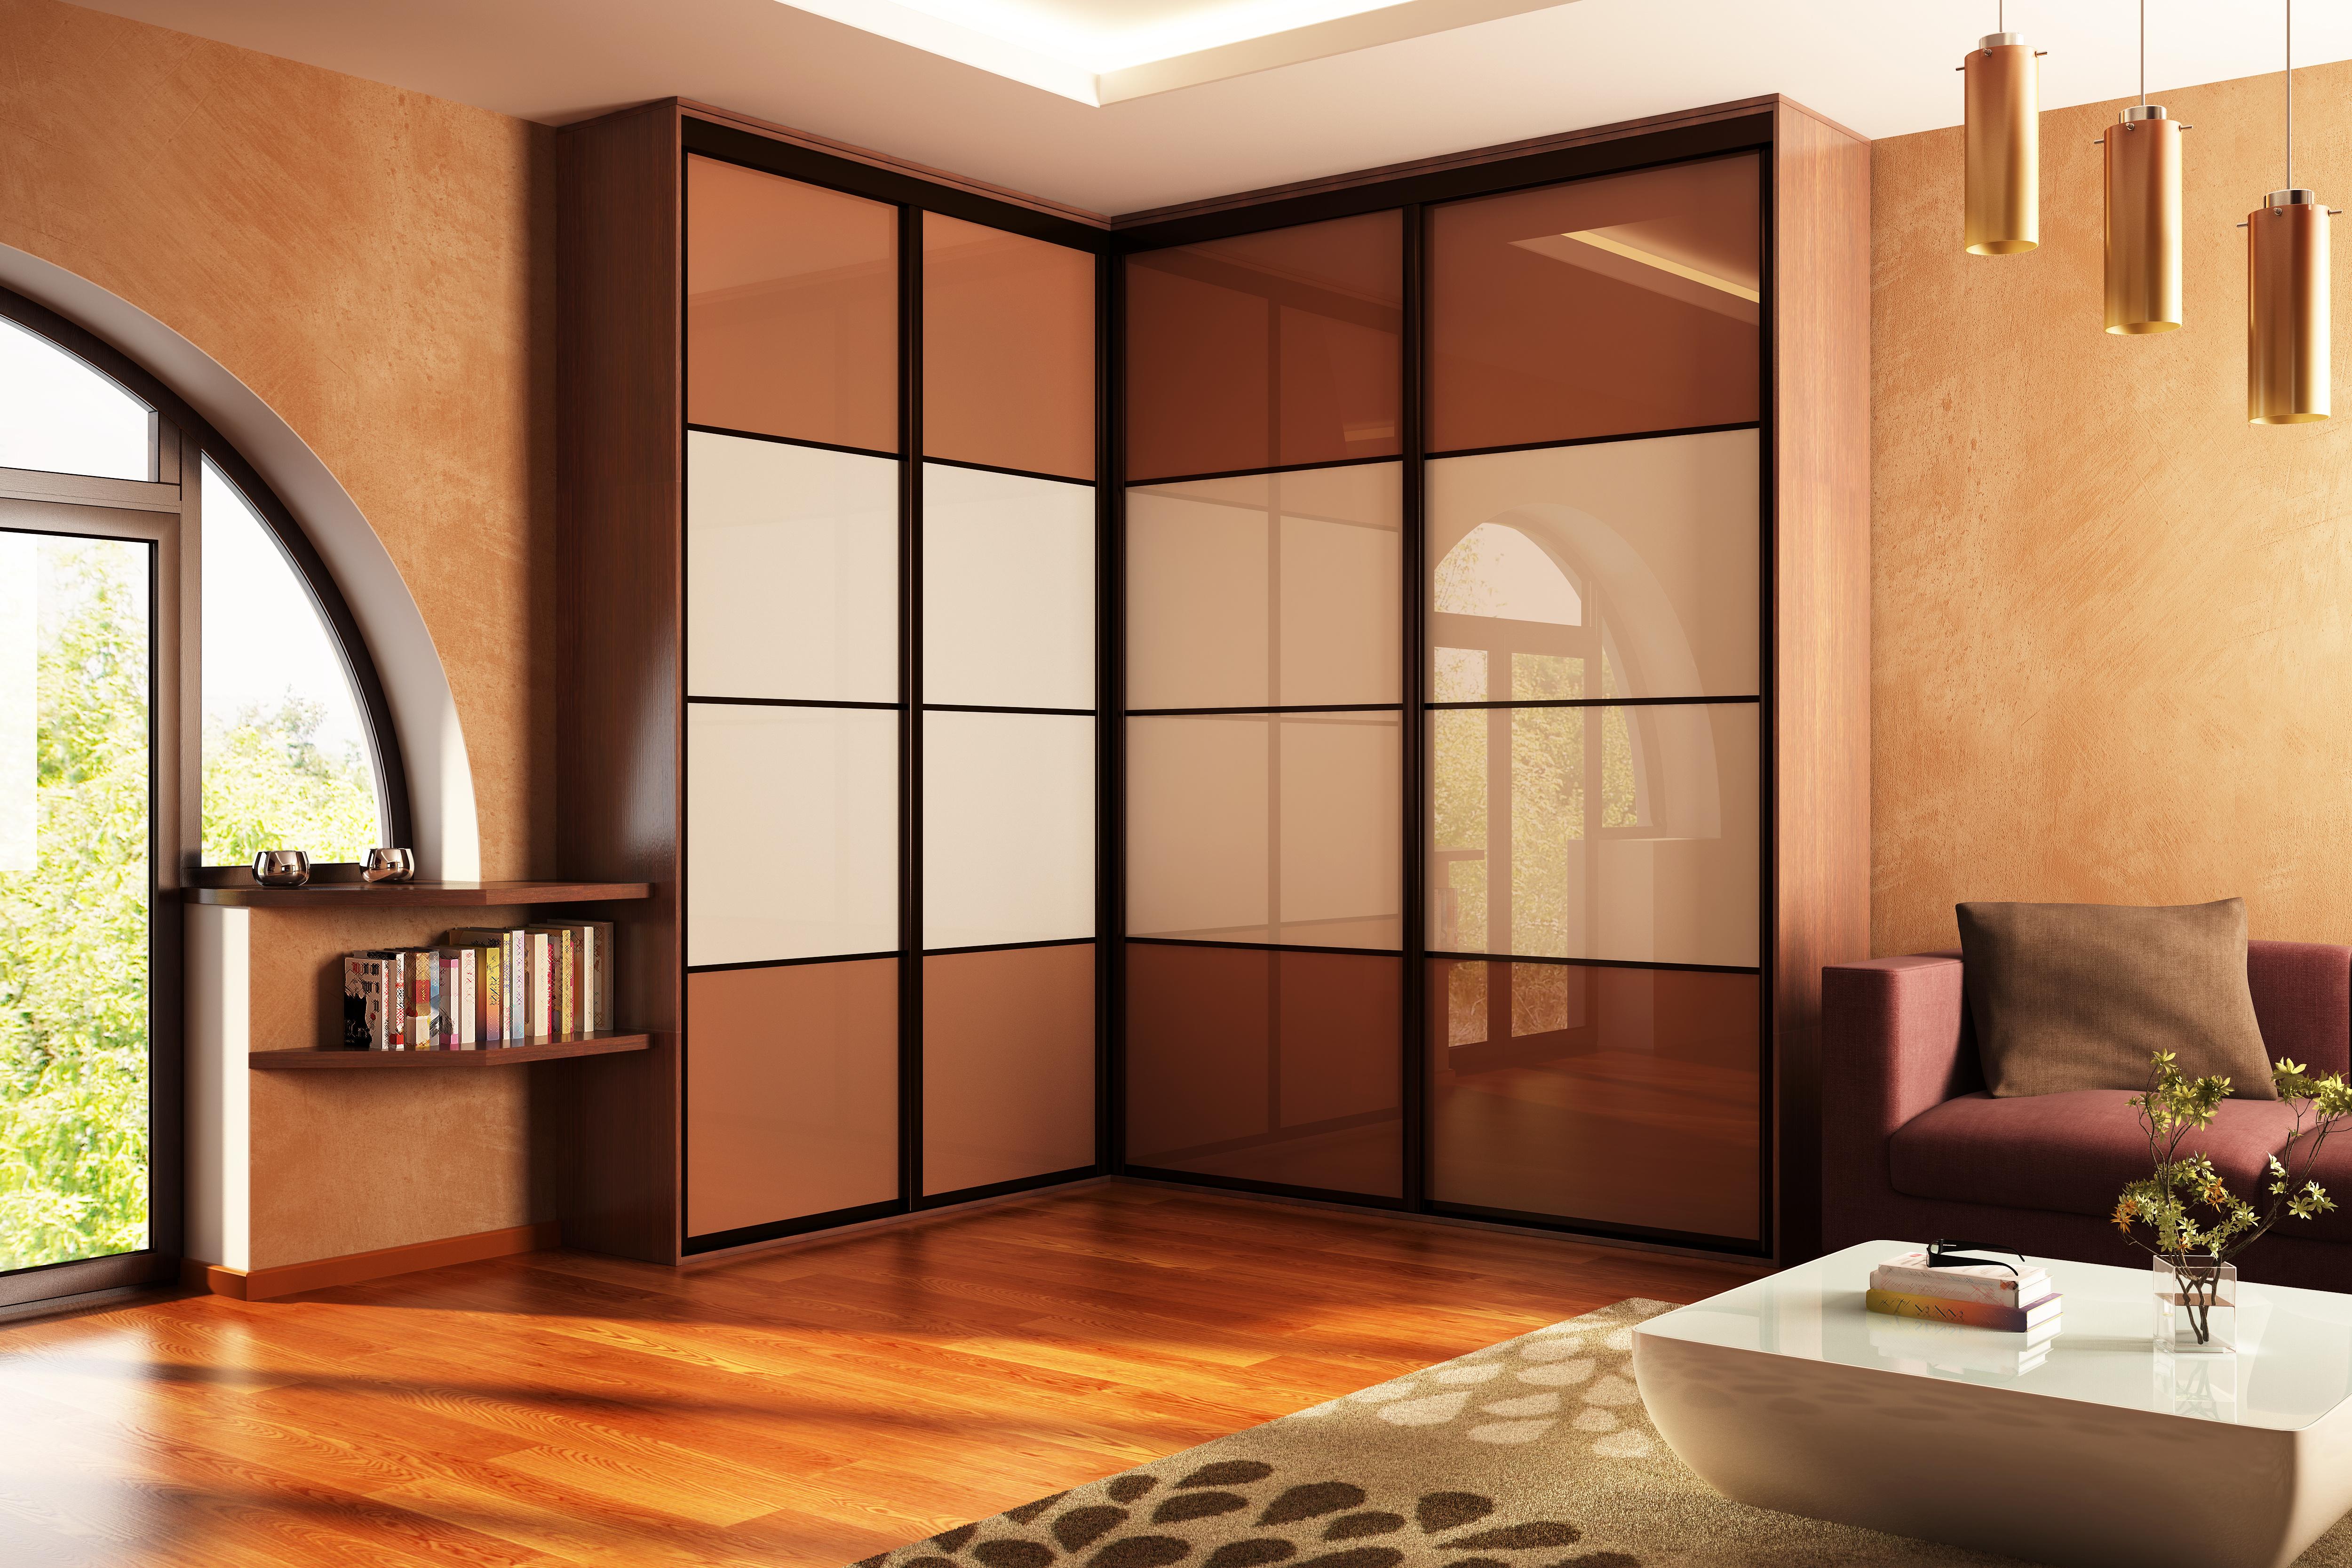 Szafy przesuwne – zorganizuj przestrzeń w swoim mieszkaniu!